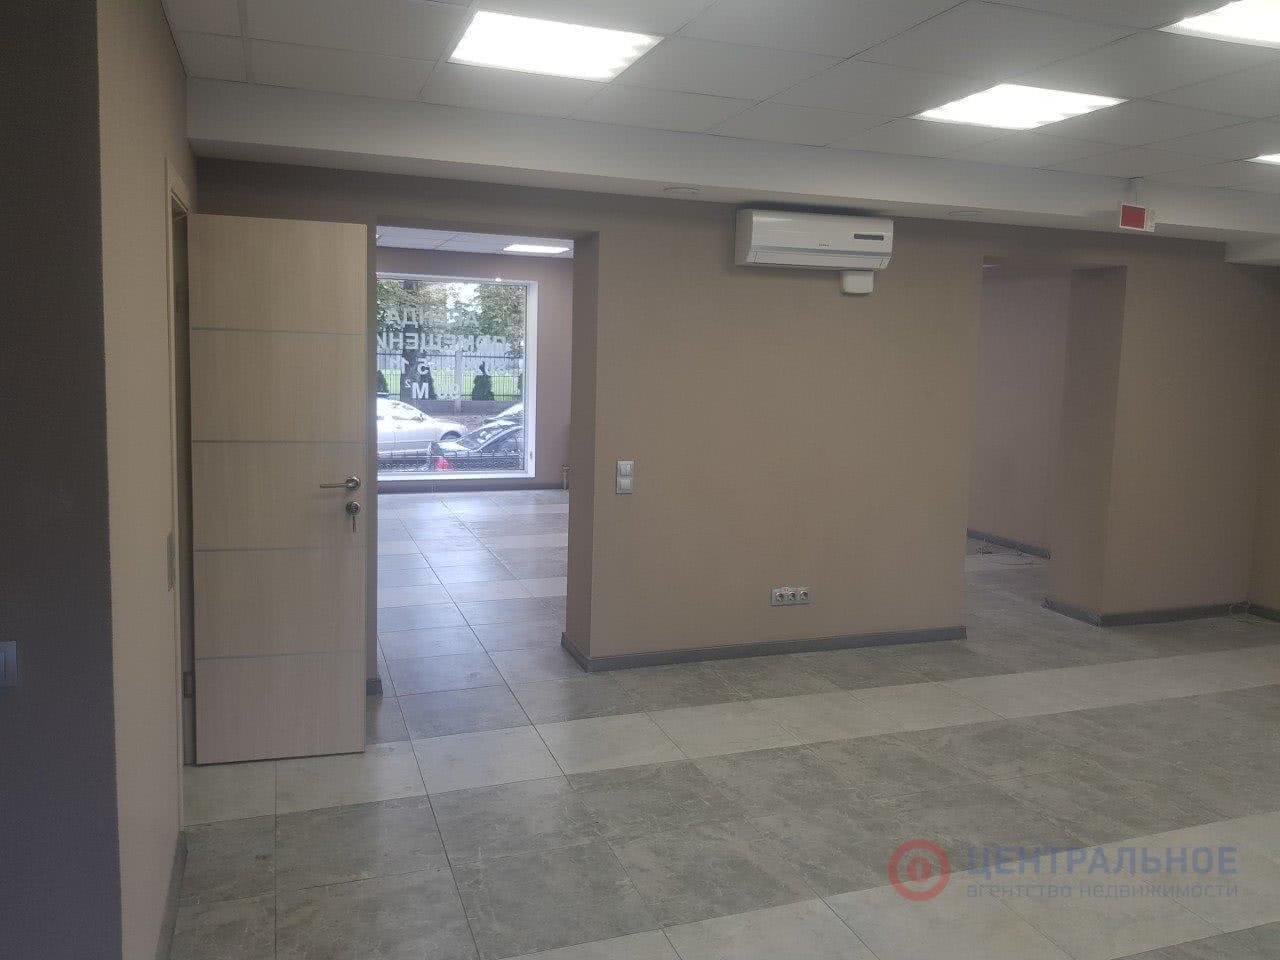 Купить торговое помещение на ул. Дорошевича, д. 4 в Минске - фото 4